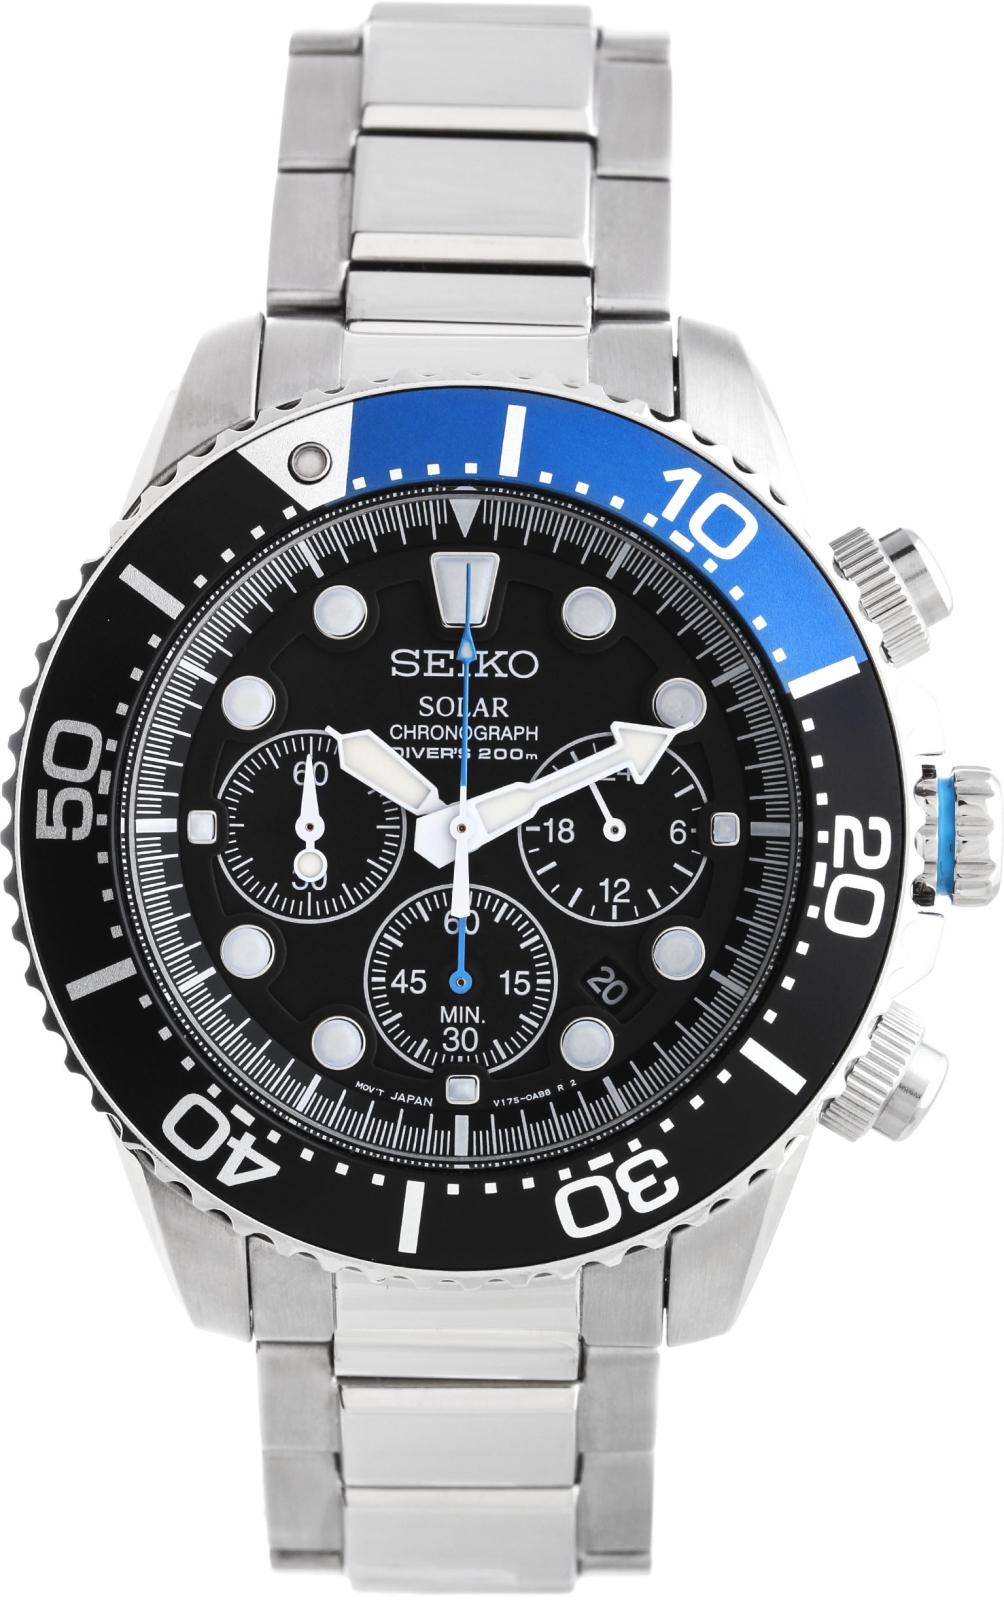 Seiko CS Sports SSC017P1Наручные часы<br>Японские часы Seiko CS Sports SSC017P1<br><br>Для кого?: Мужские<br>Страна-производитель: Япония<br>Механизм: Кварцевый<br>Материал корпуса: Сталь<br>Материал ремня/браслета: Сталь<br>Водозащита, диапазон: 200 - 800 м<br>Стекло: Минеральное<br>Толщина корпуса: 12 мм<br>Стиль: Спорт